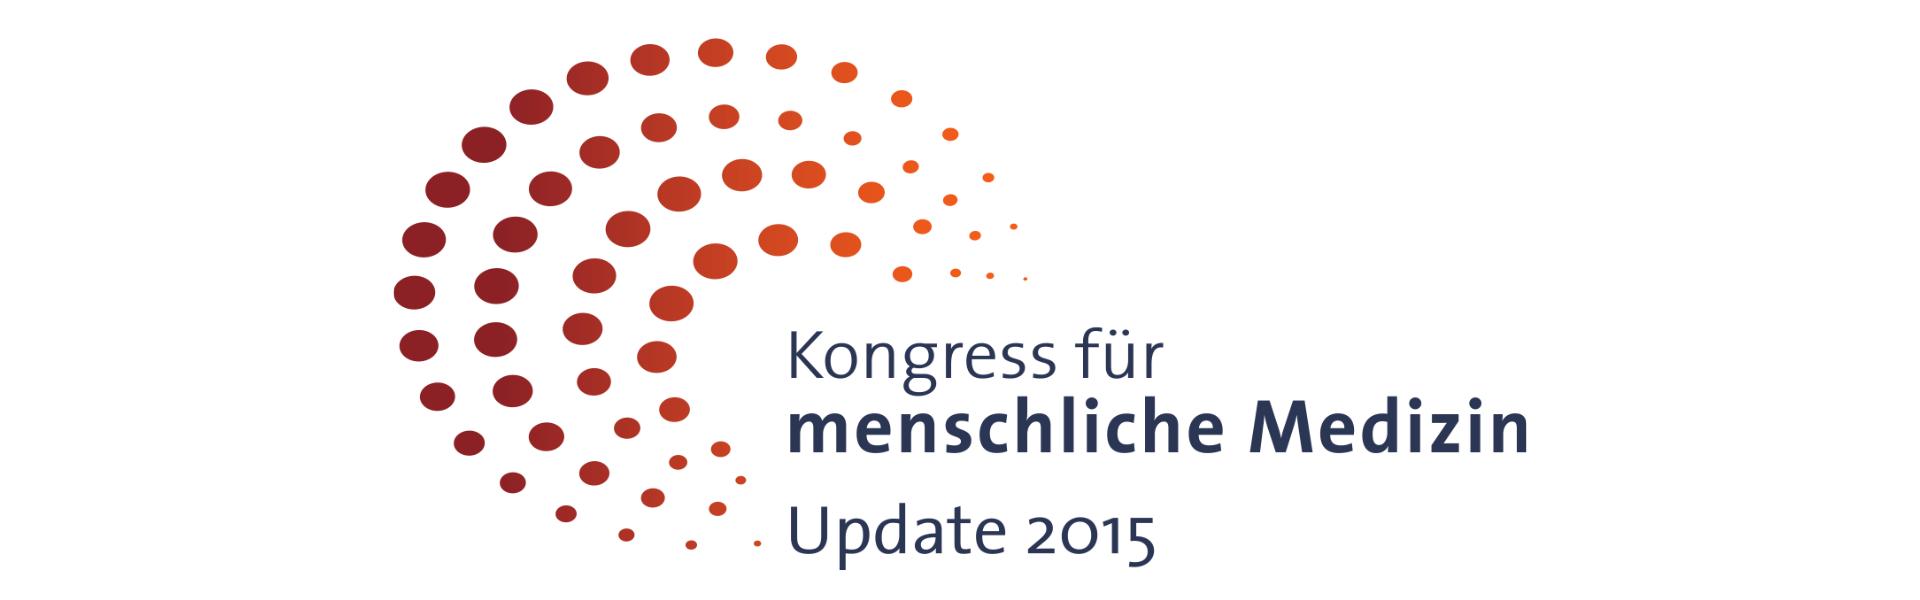 Kongress für menschliche Medizin - Update 2015 Logo